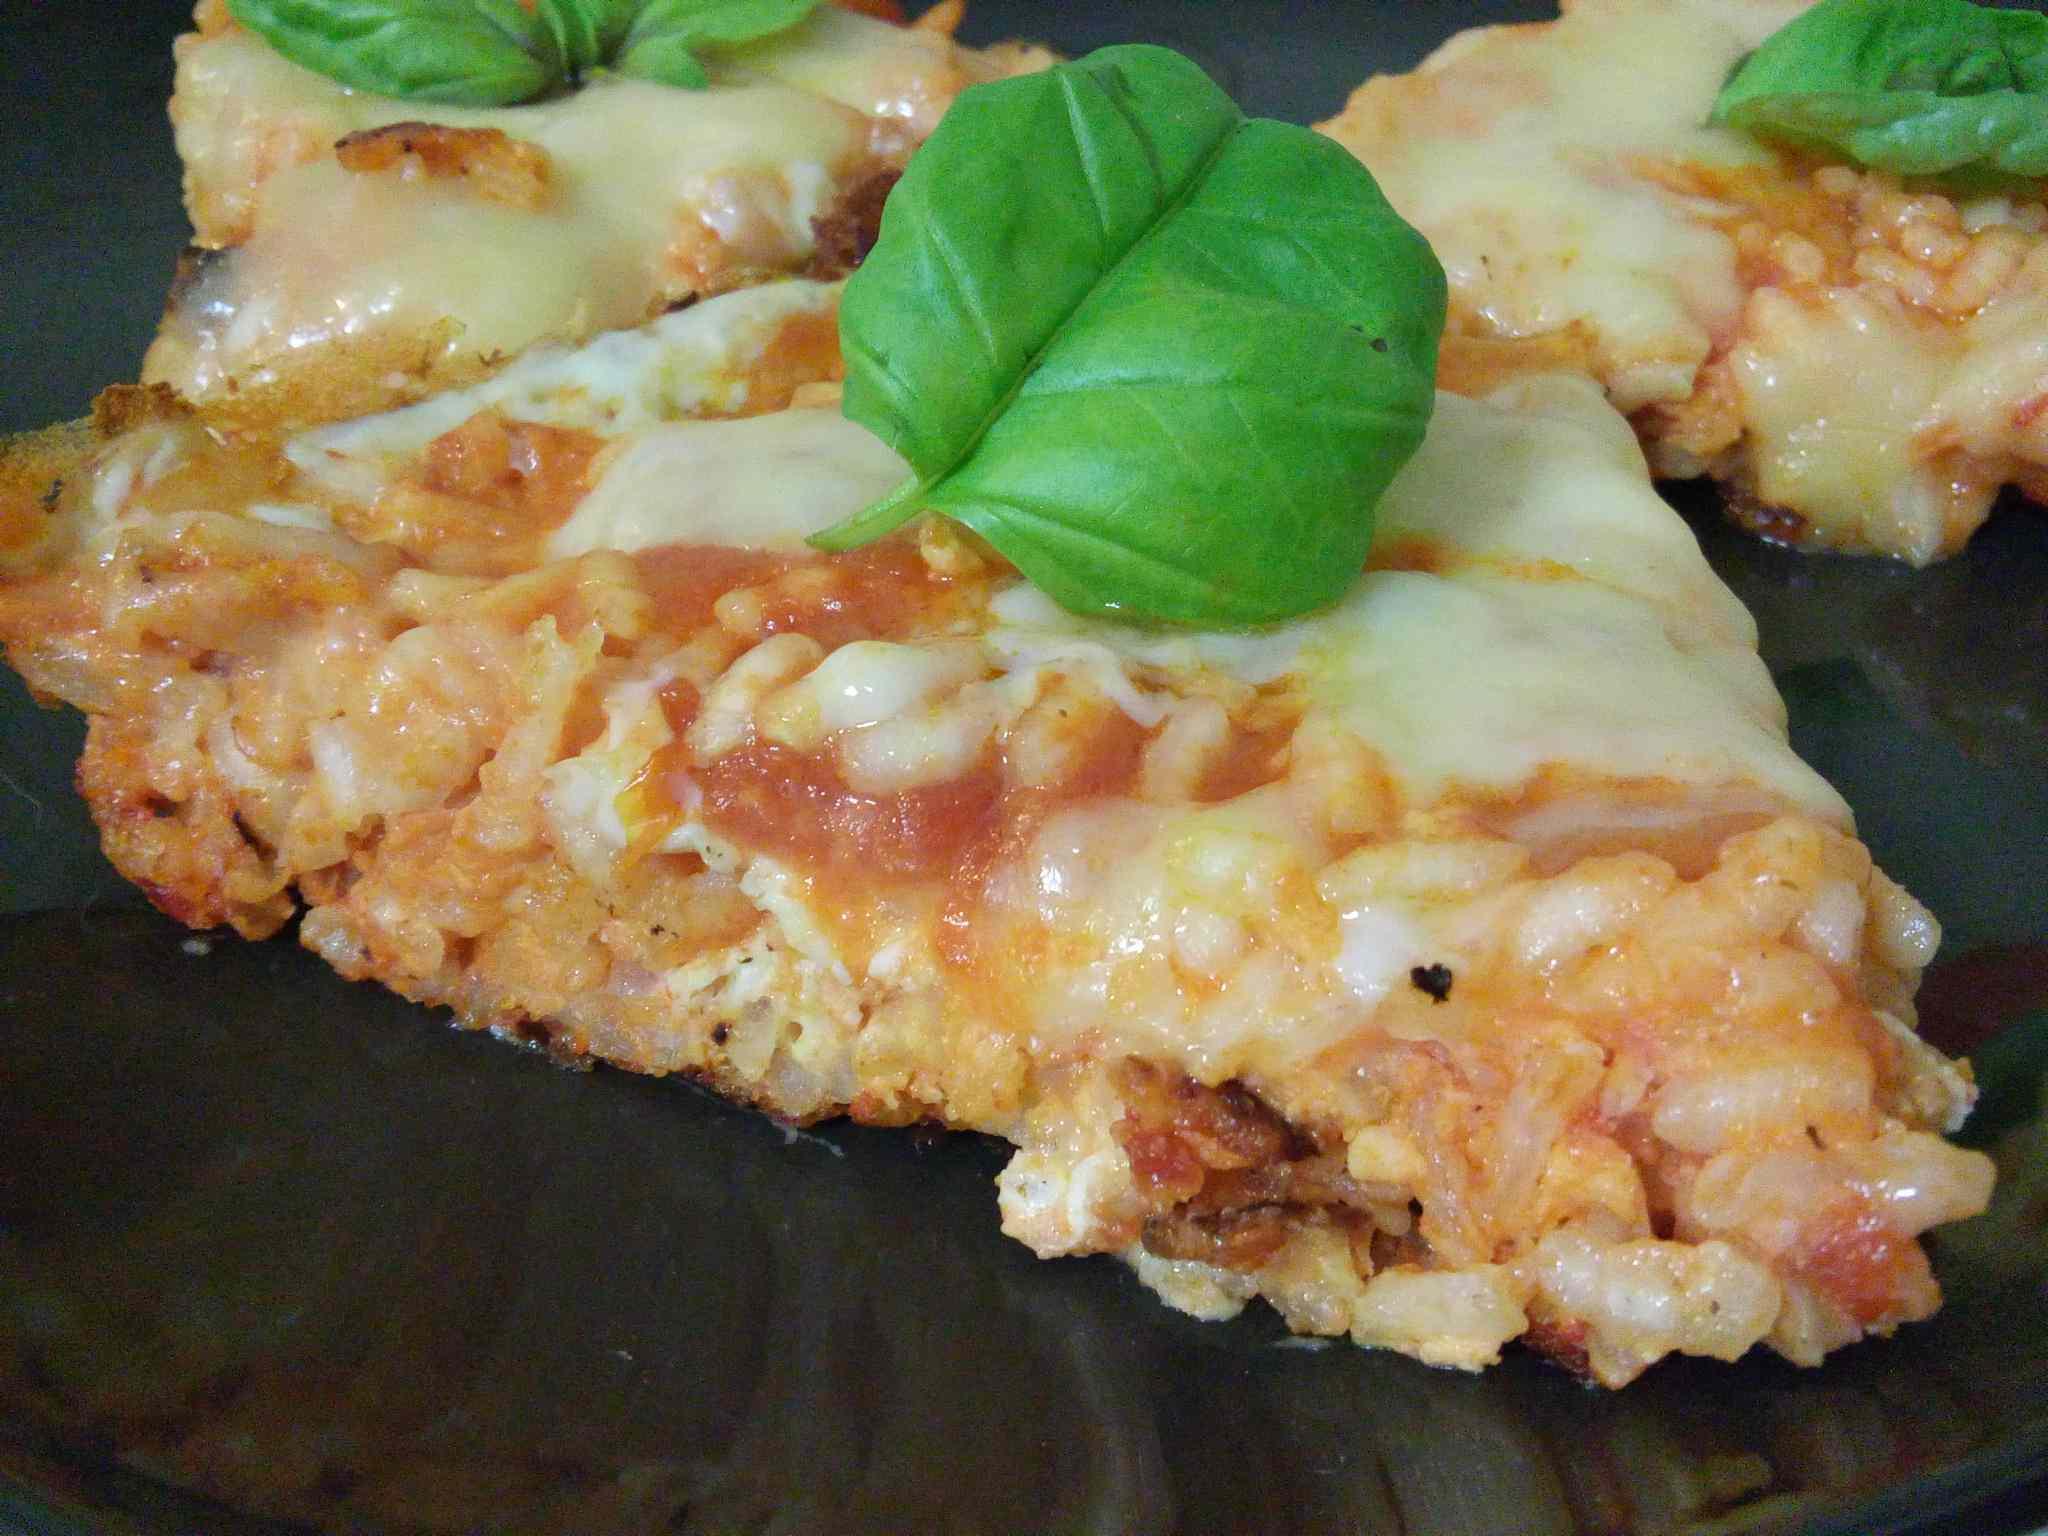 Ricetta: Frittata di riso al pomodoro, basilico e formaggio